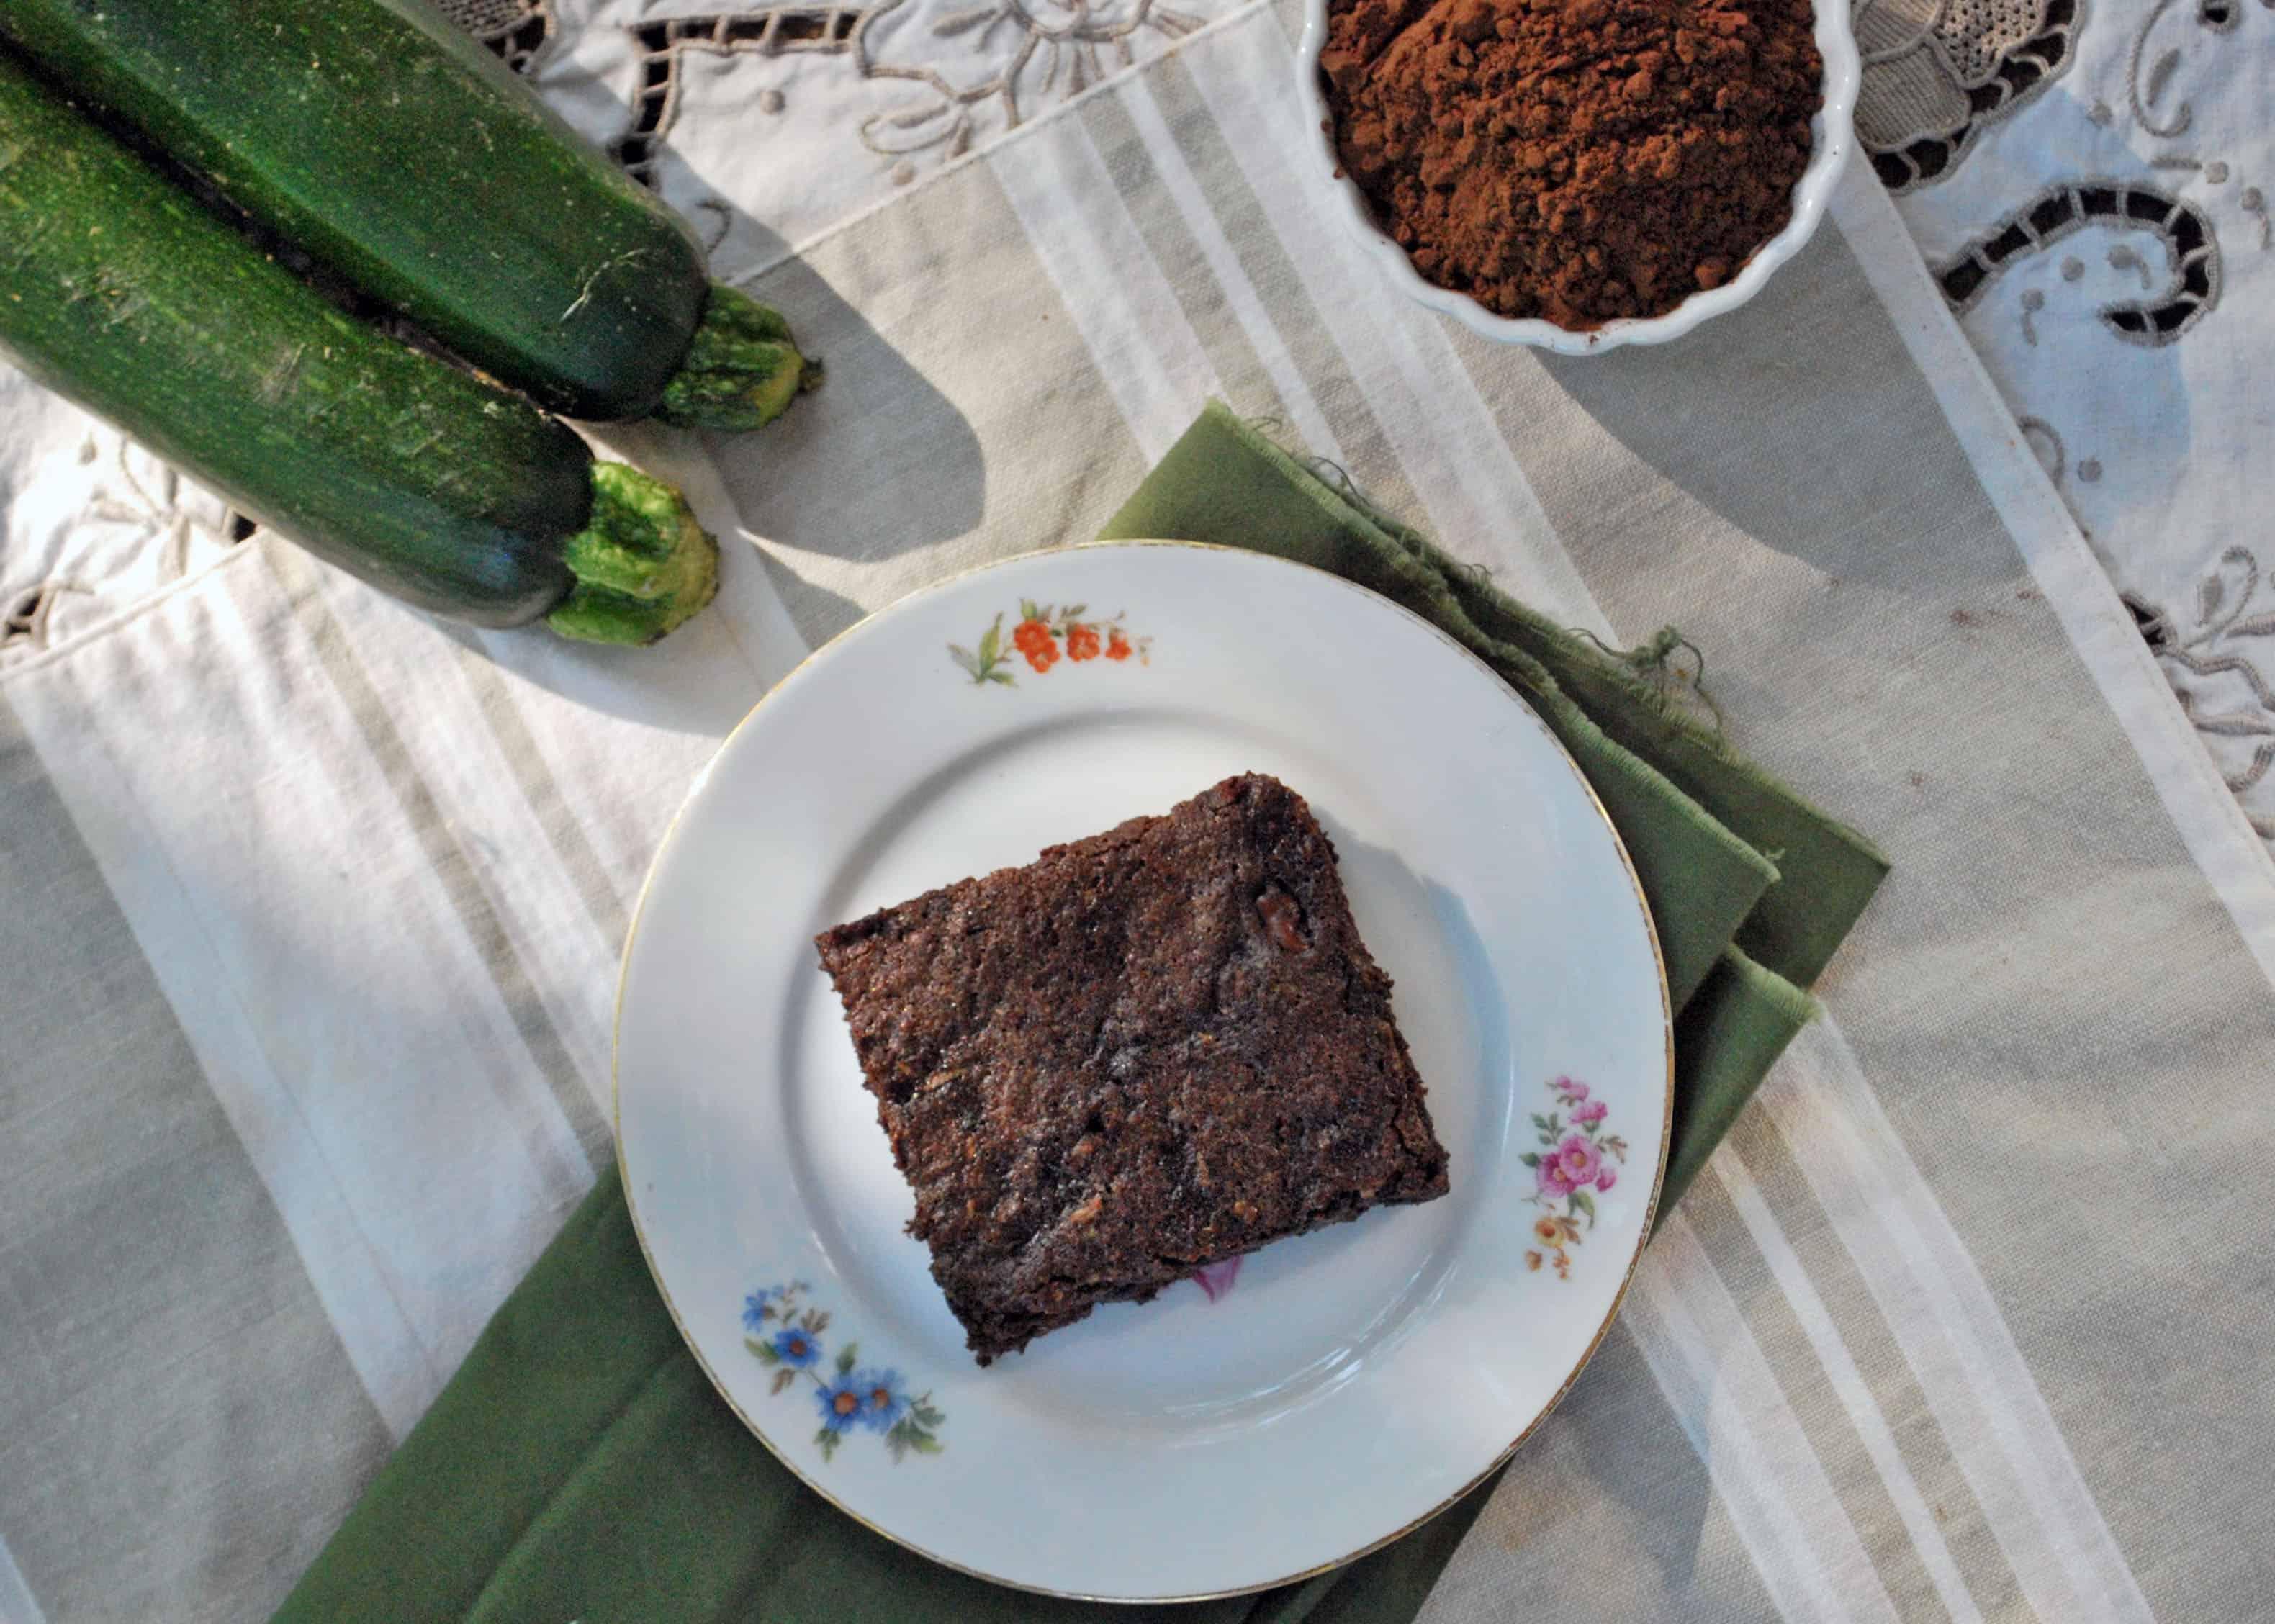 Chocolate Chip Zucchini Brownie